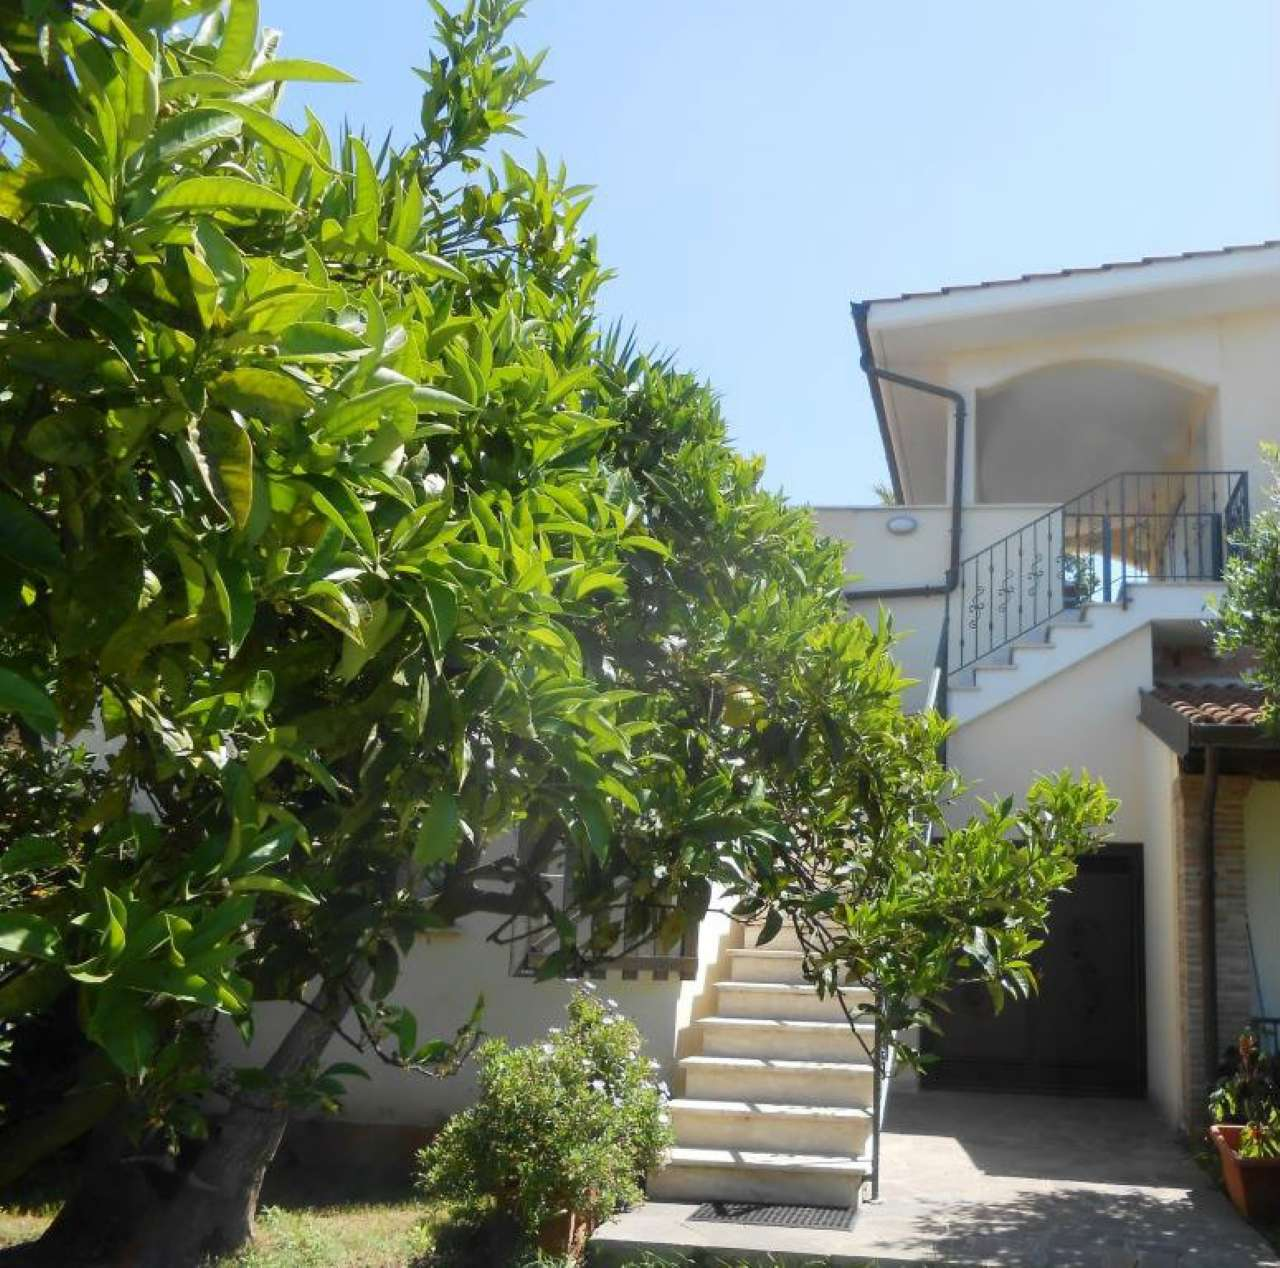 Villa in affitto a Anzio, 2 locali, prezzo € 550 | Cambio Casa.it